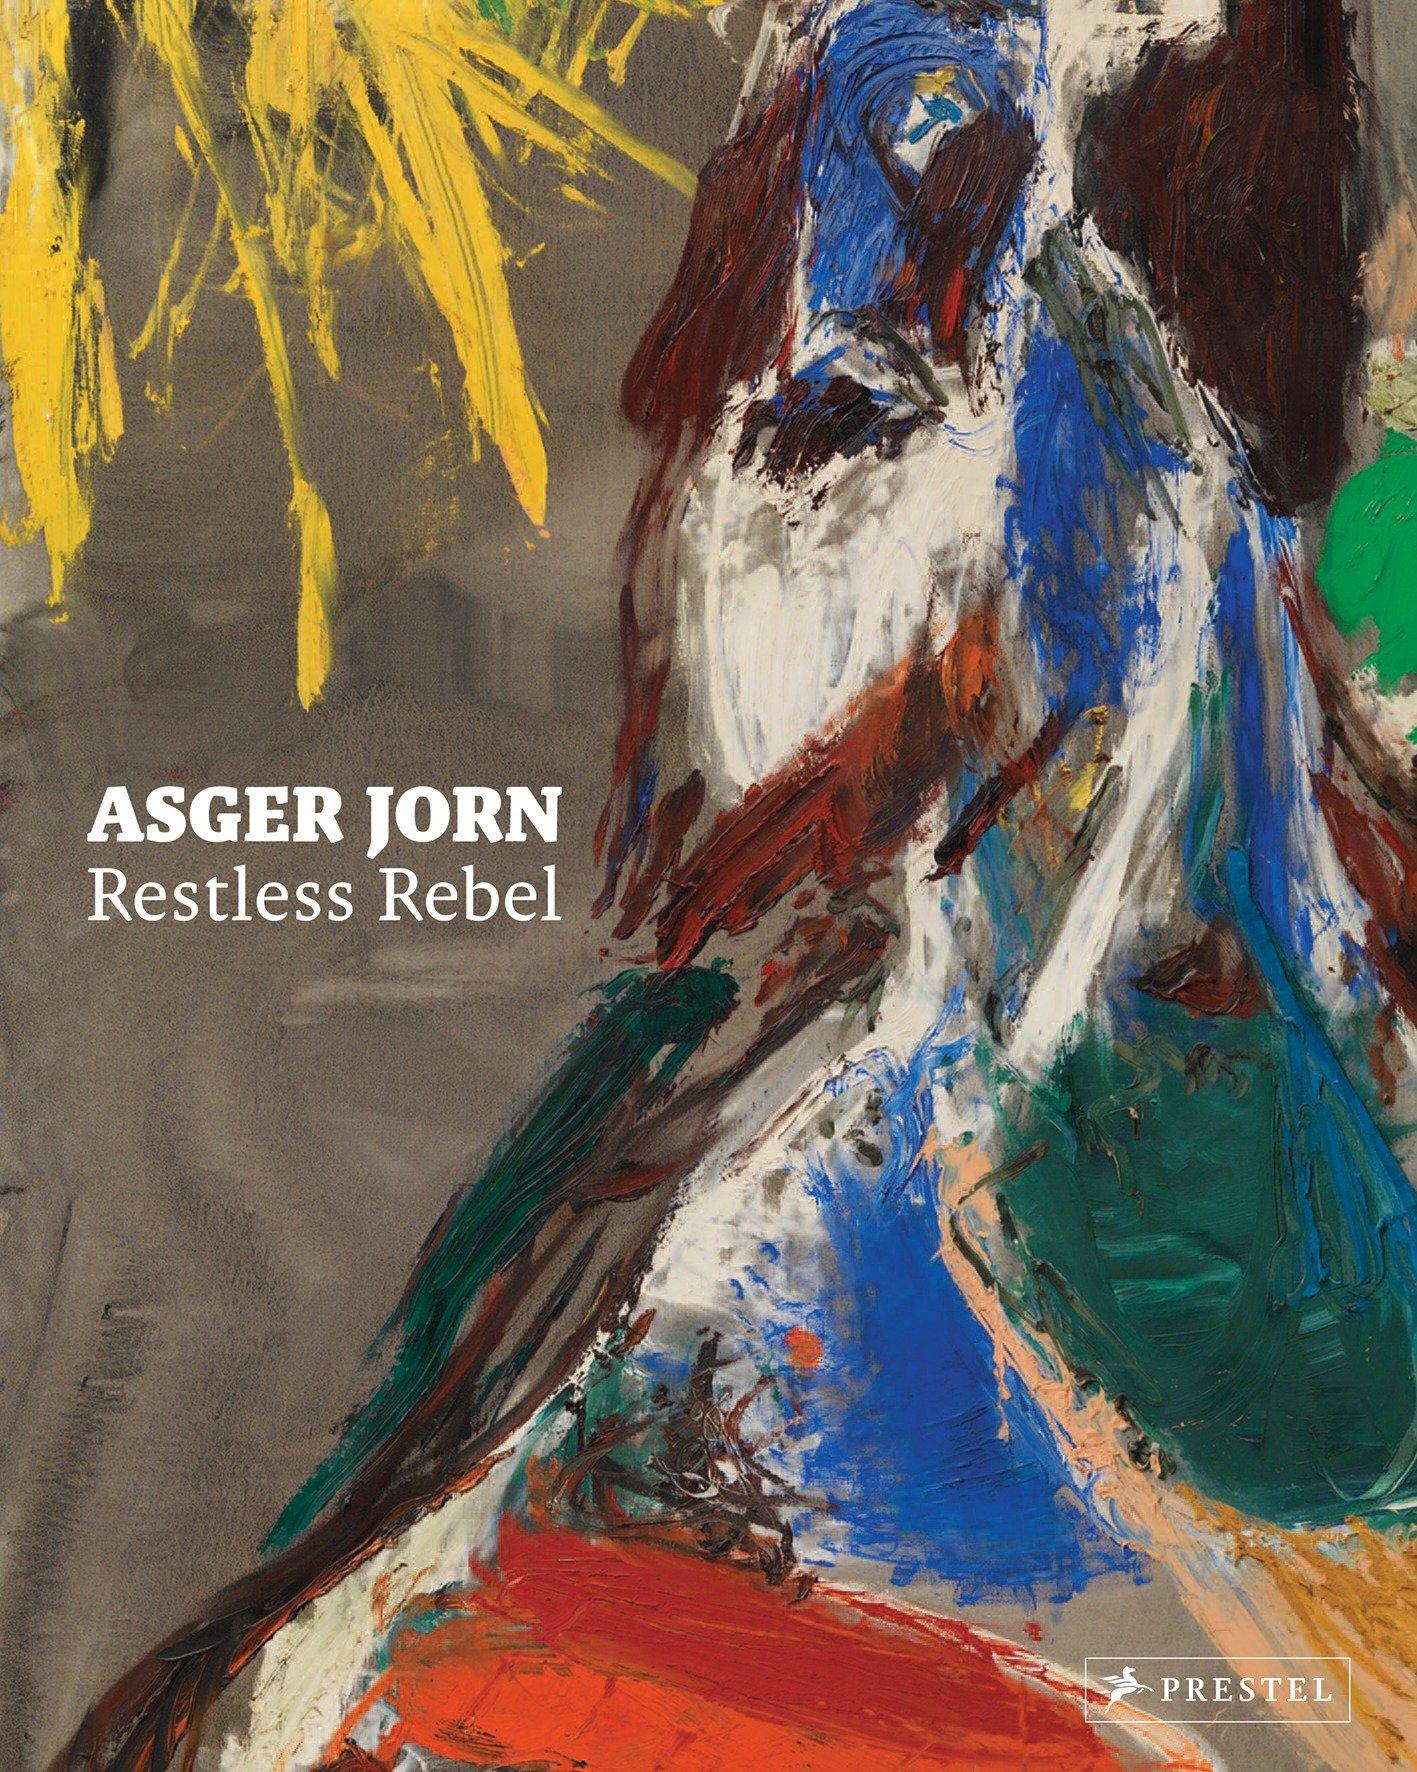 Asger Jorn